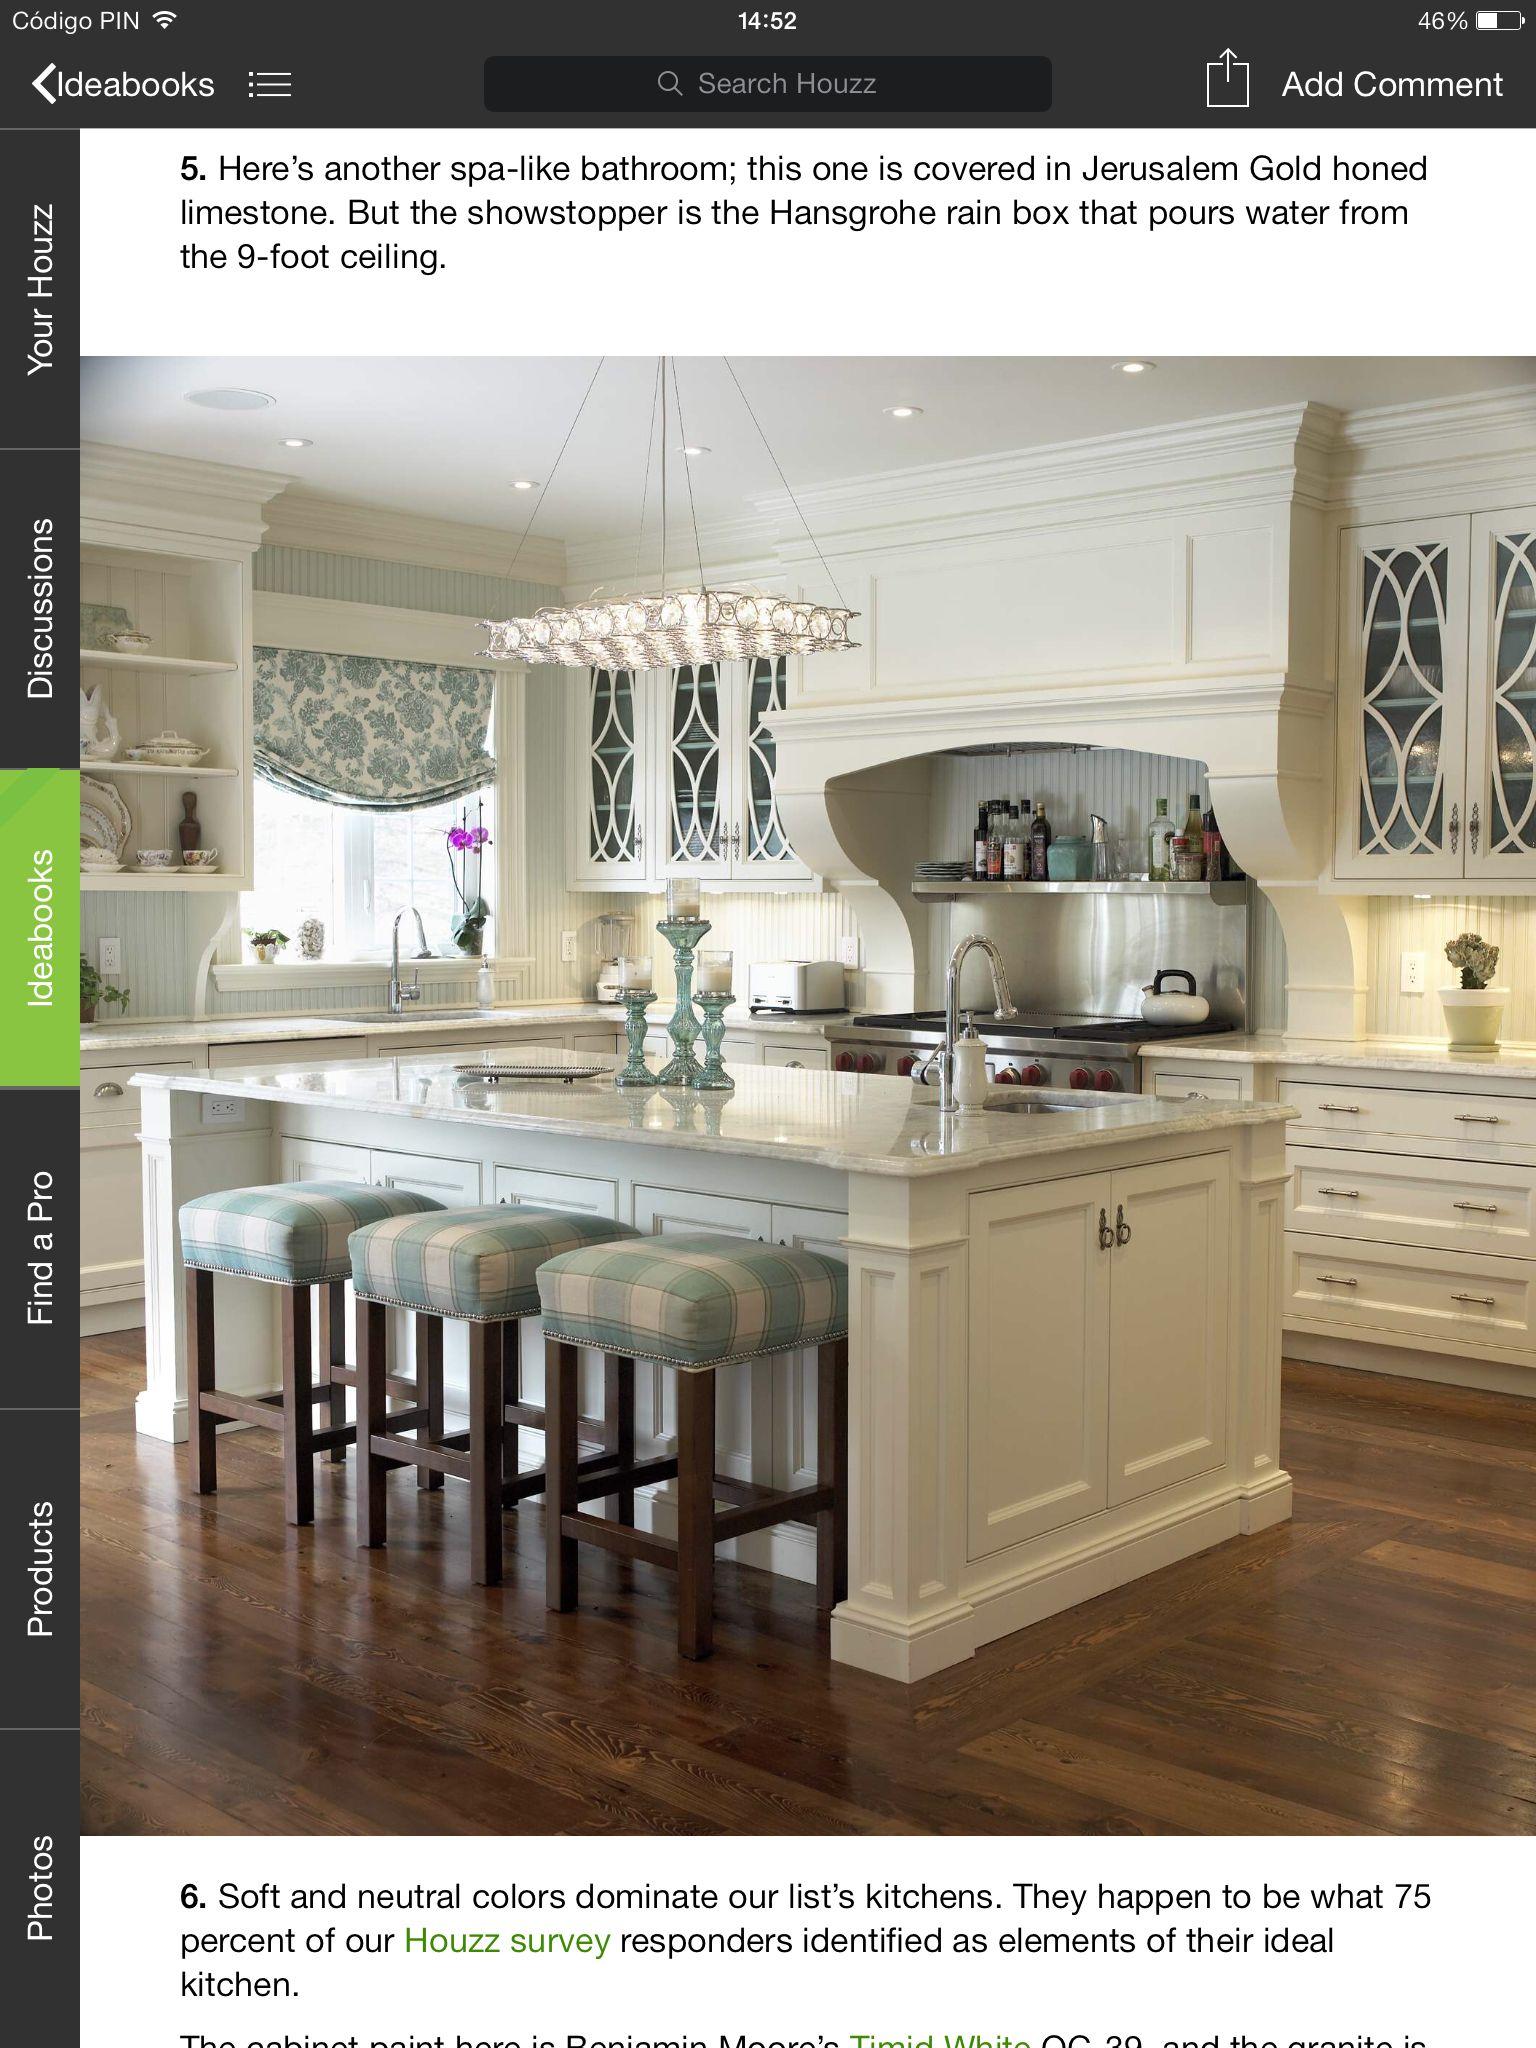 Suelo oscuro y muebles blancos | Cocinas | Pinterest | Suelo oscuro ...